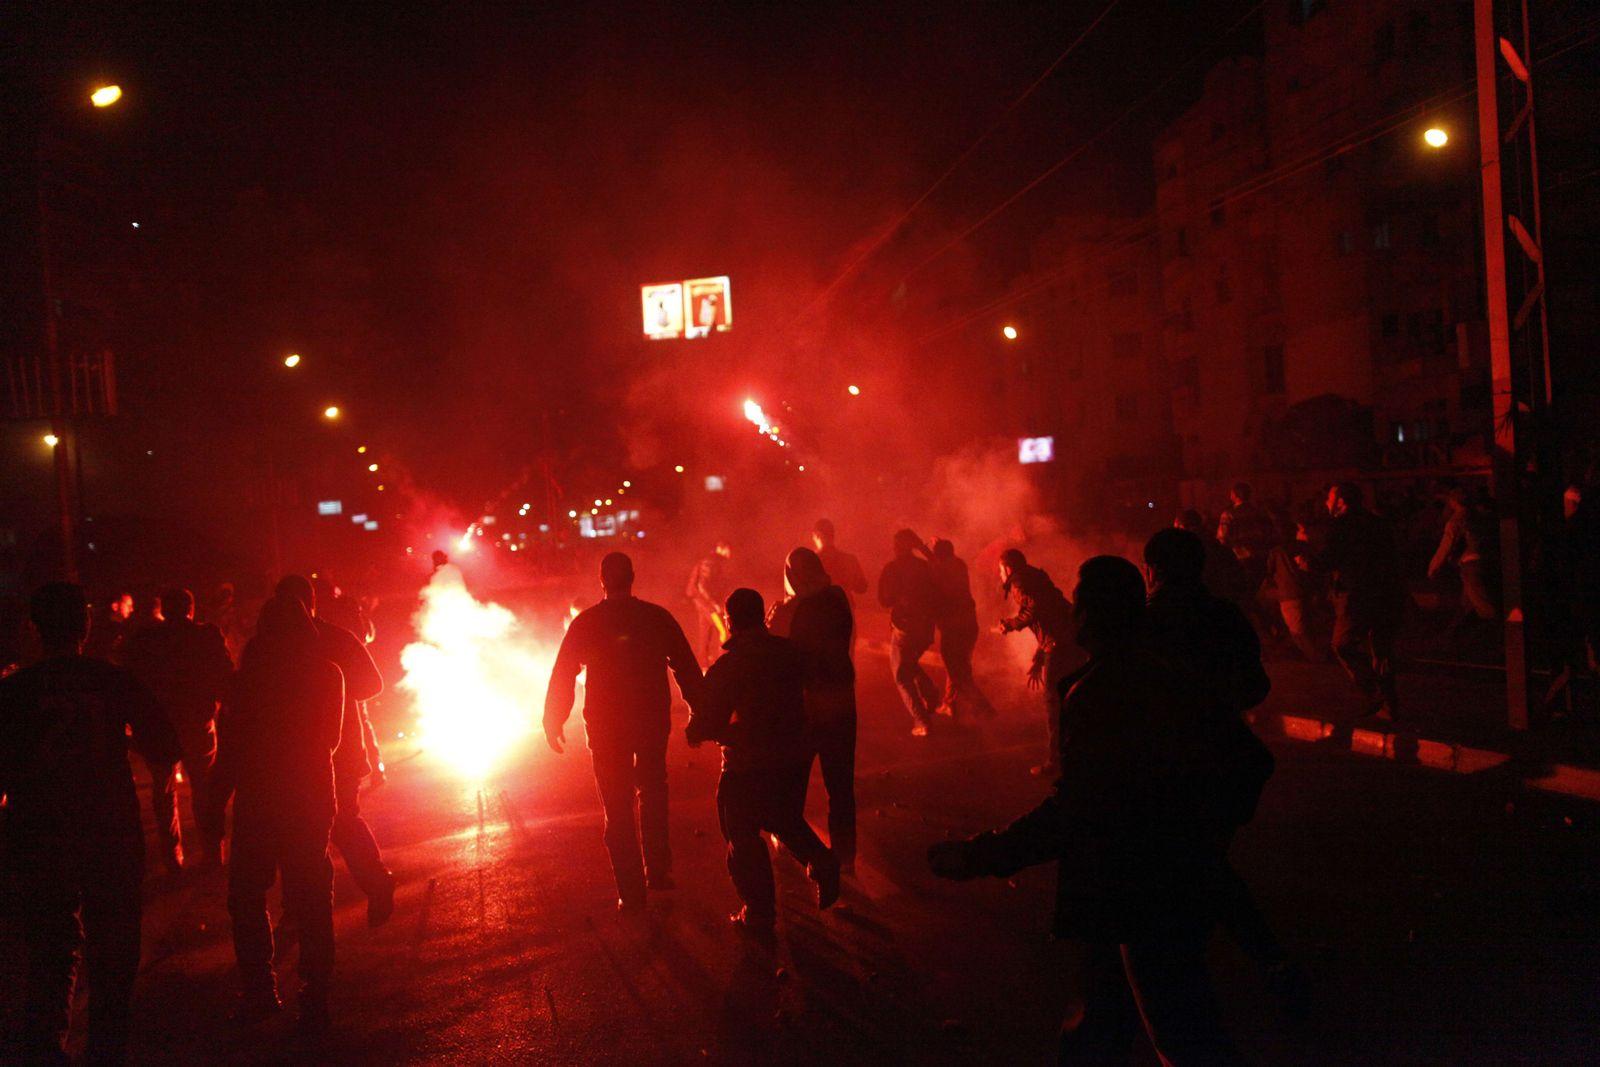 Ägypten / Kairo / Unruhen